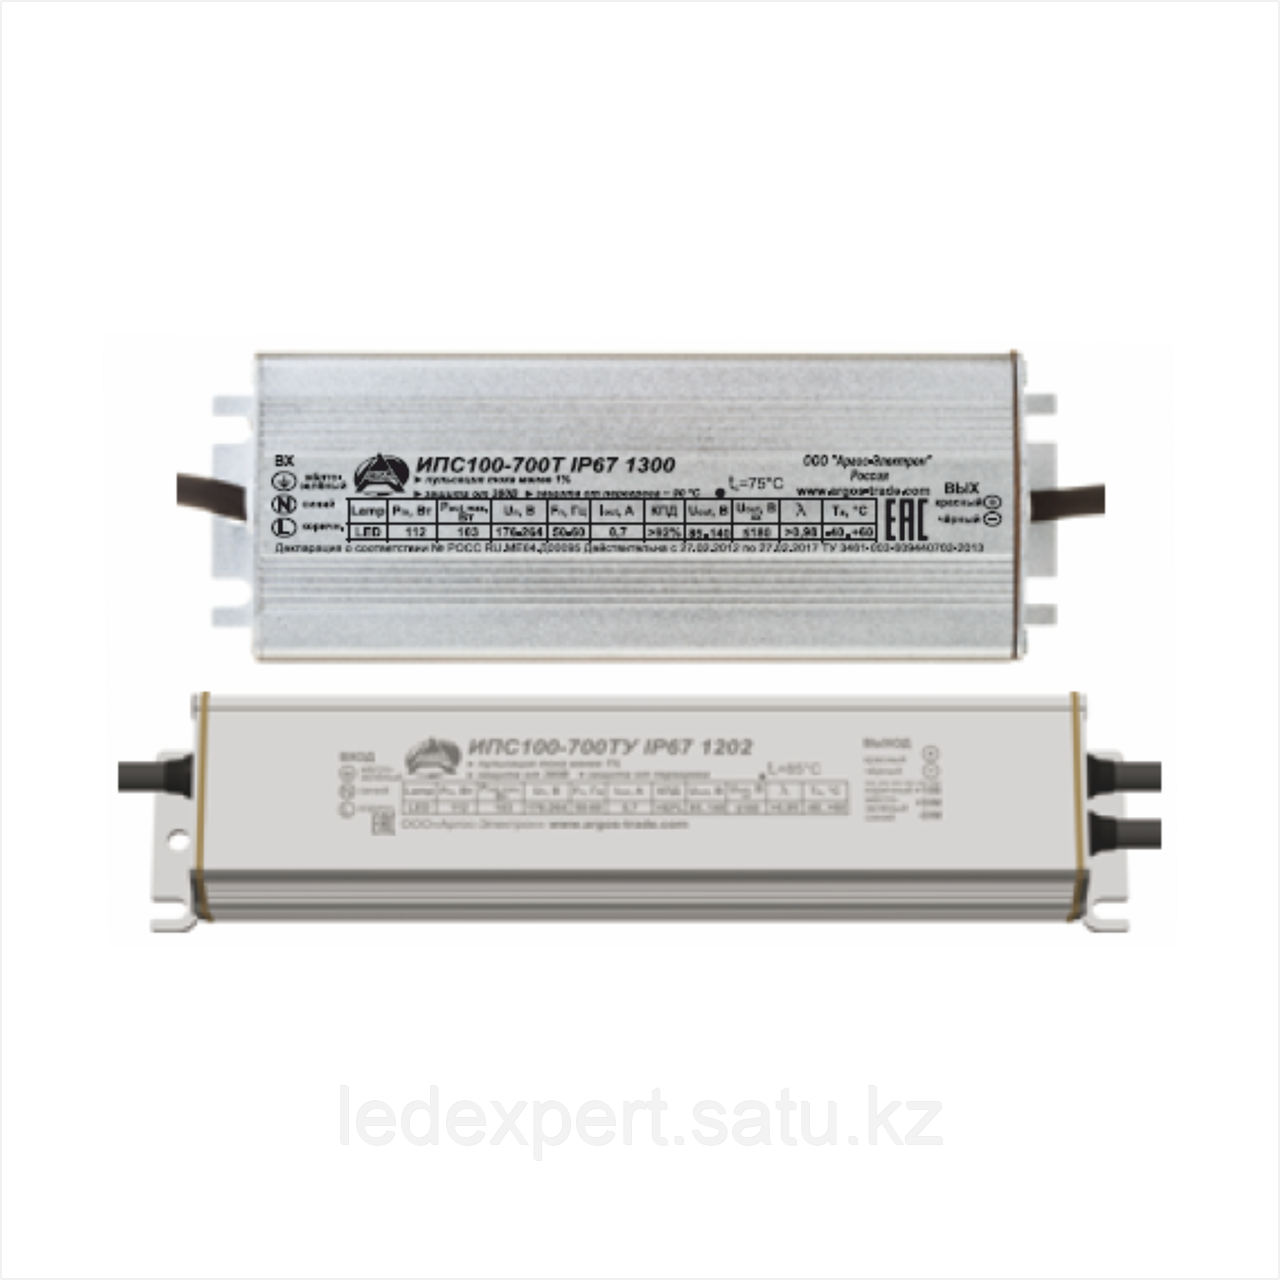 Источник питания Аргос ИПС100-1050Т IP67 ПРОМ 1300